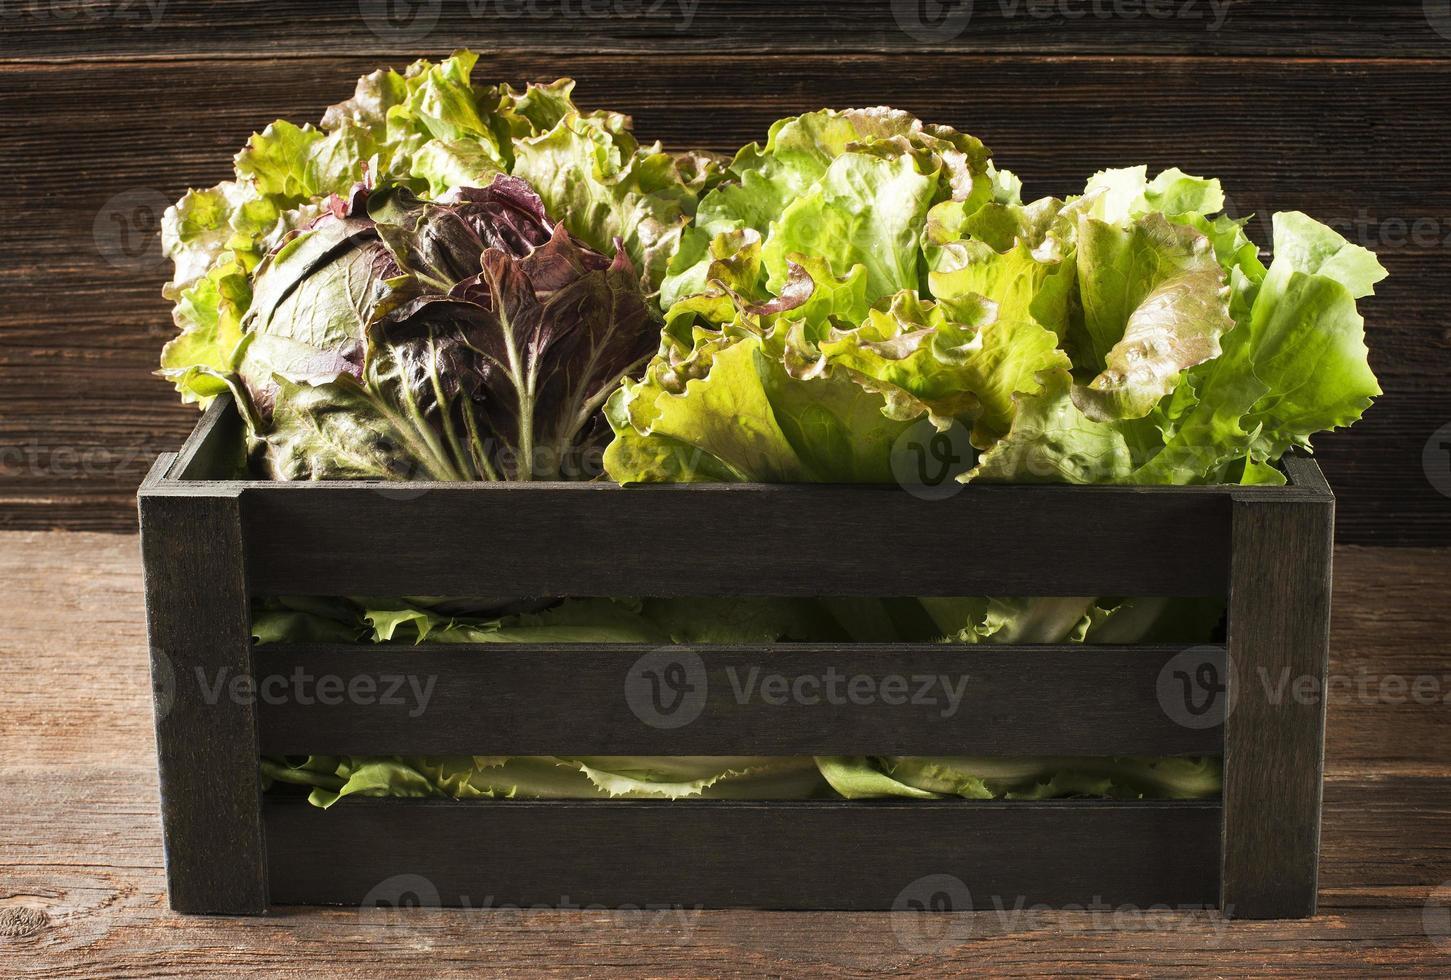 salada na caixa foto